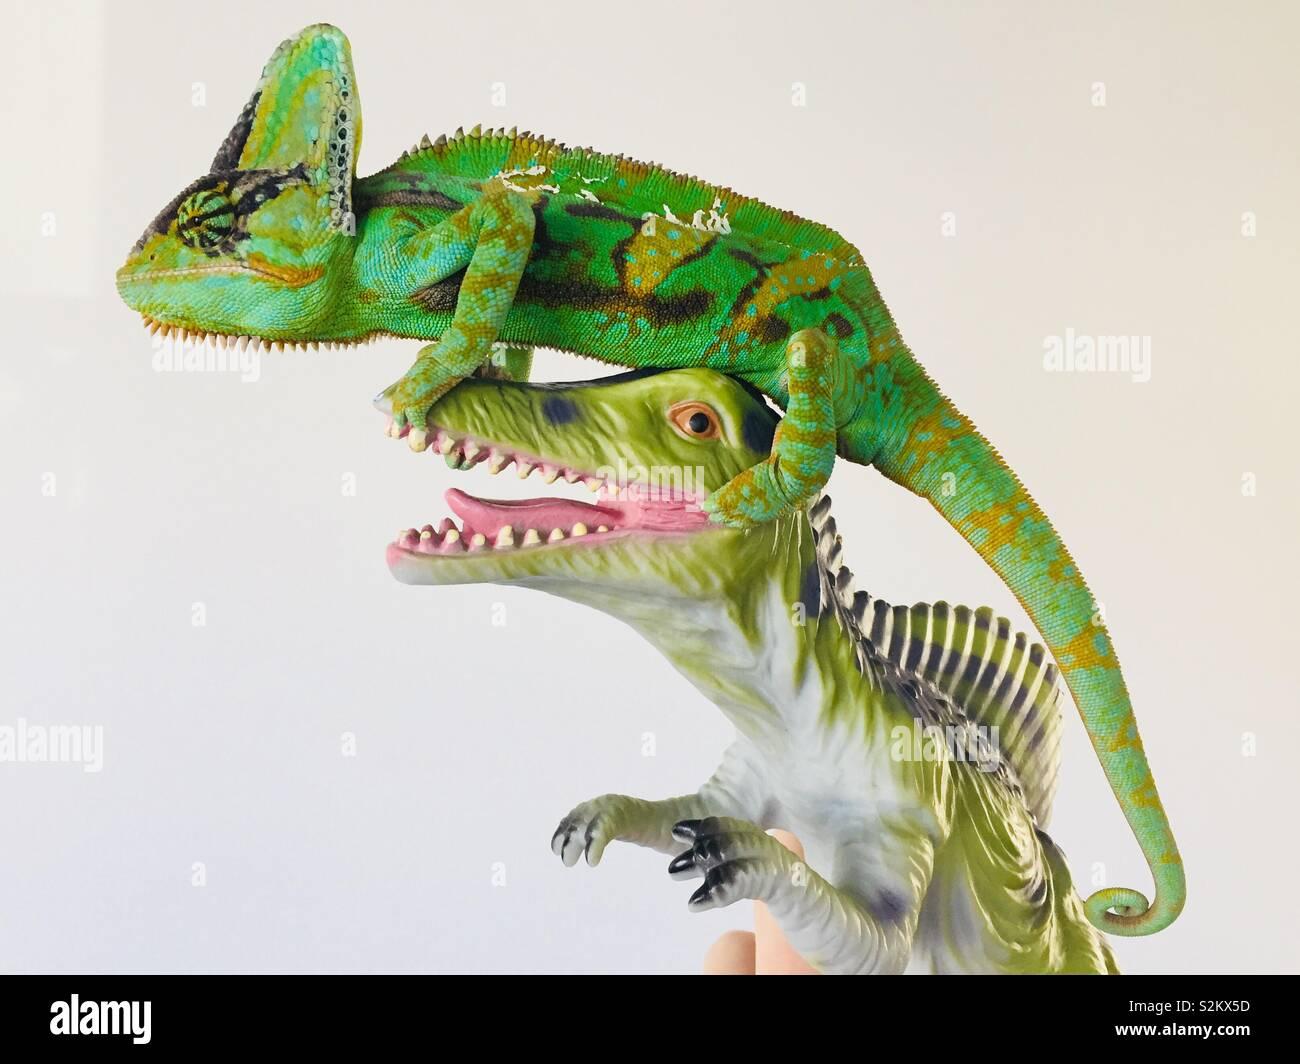 Chameleon & Dinosaur Stock Photo